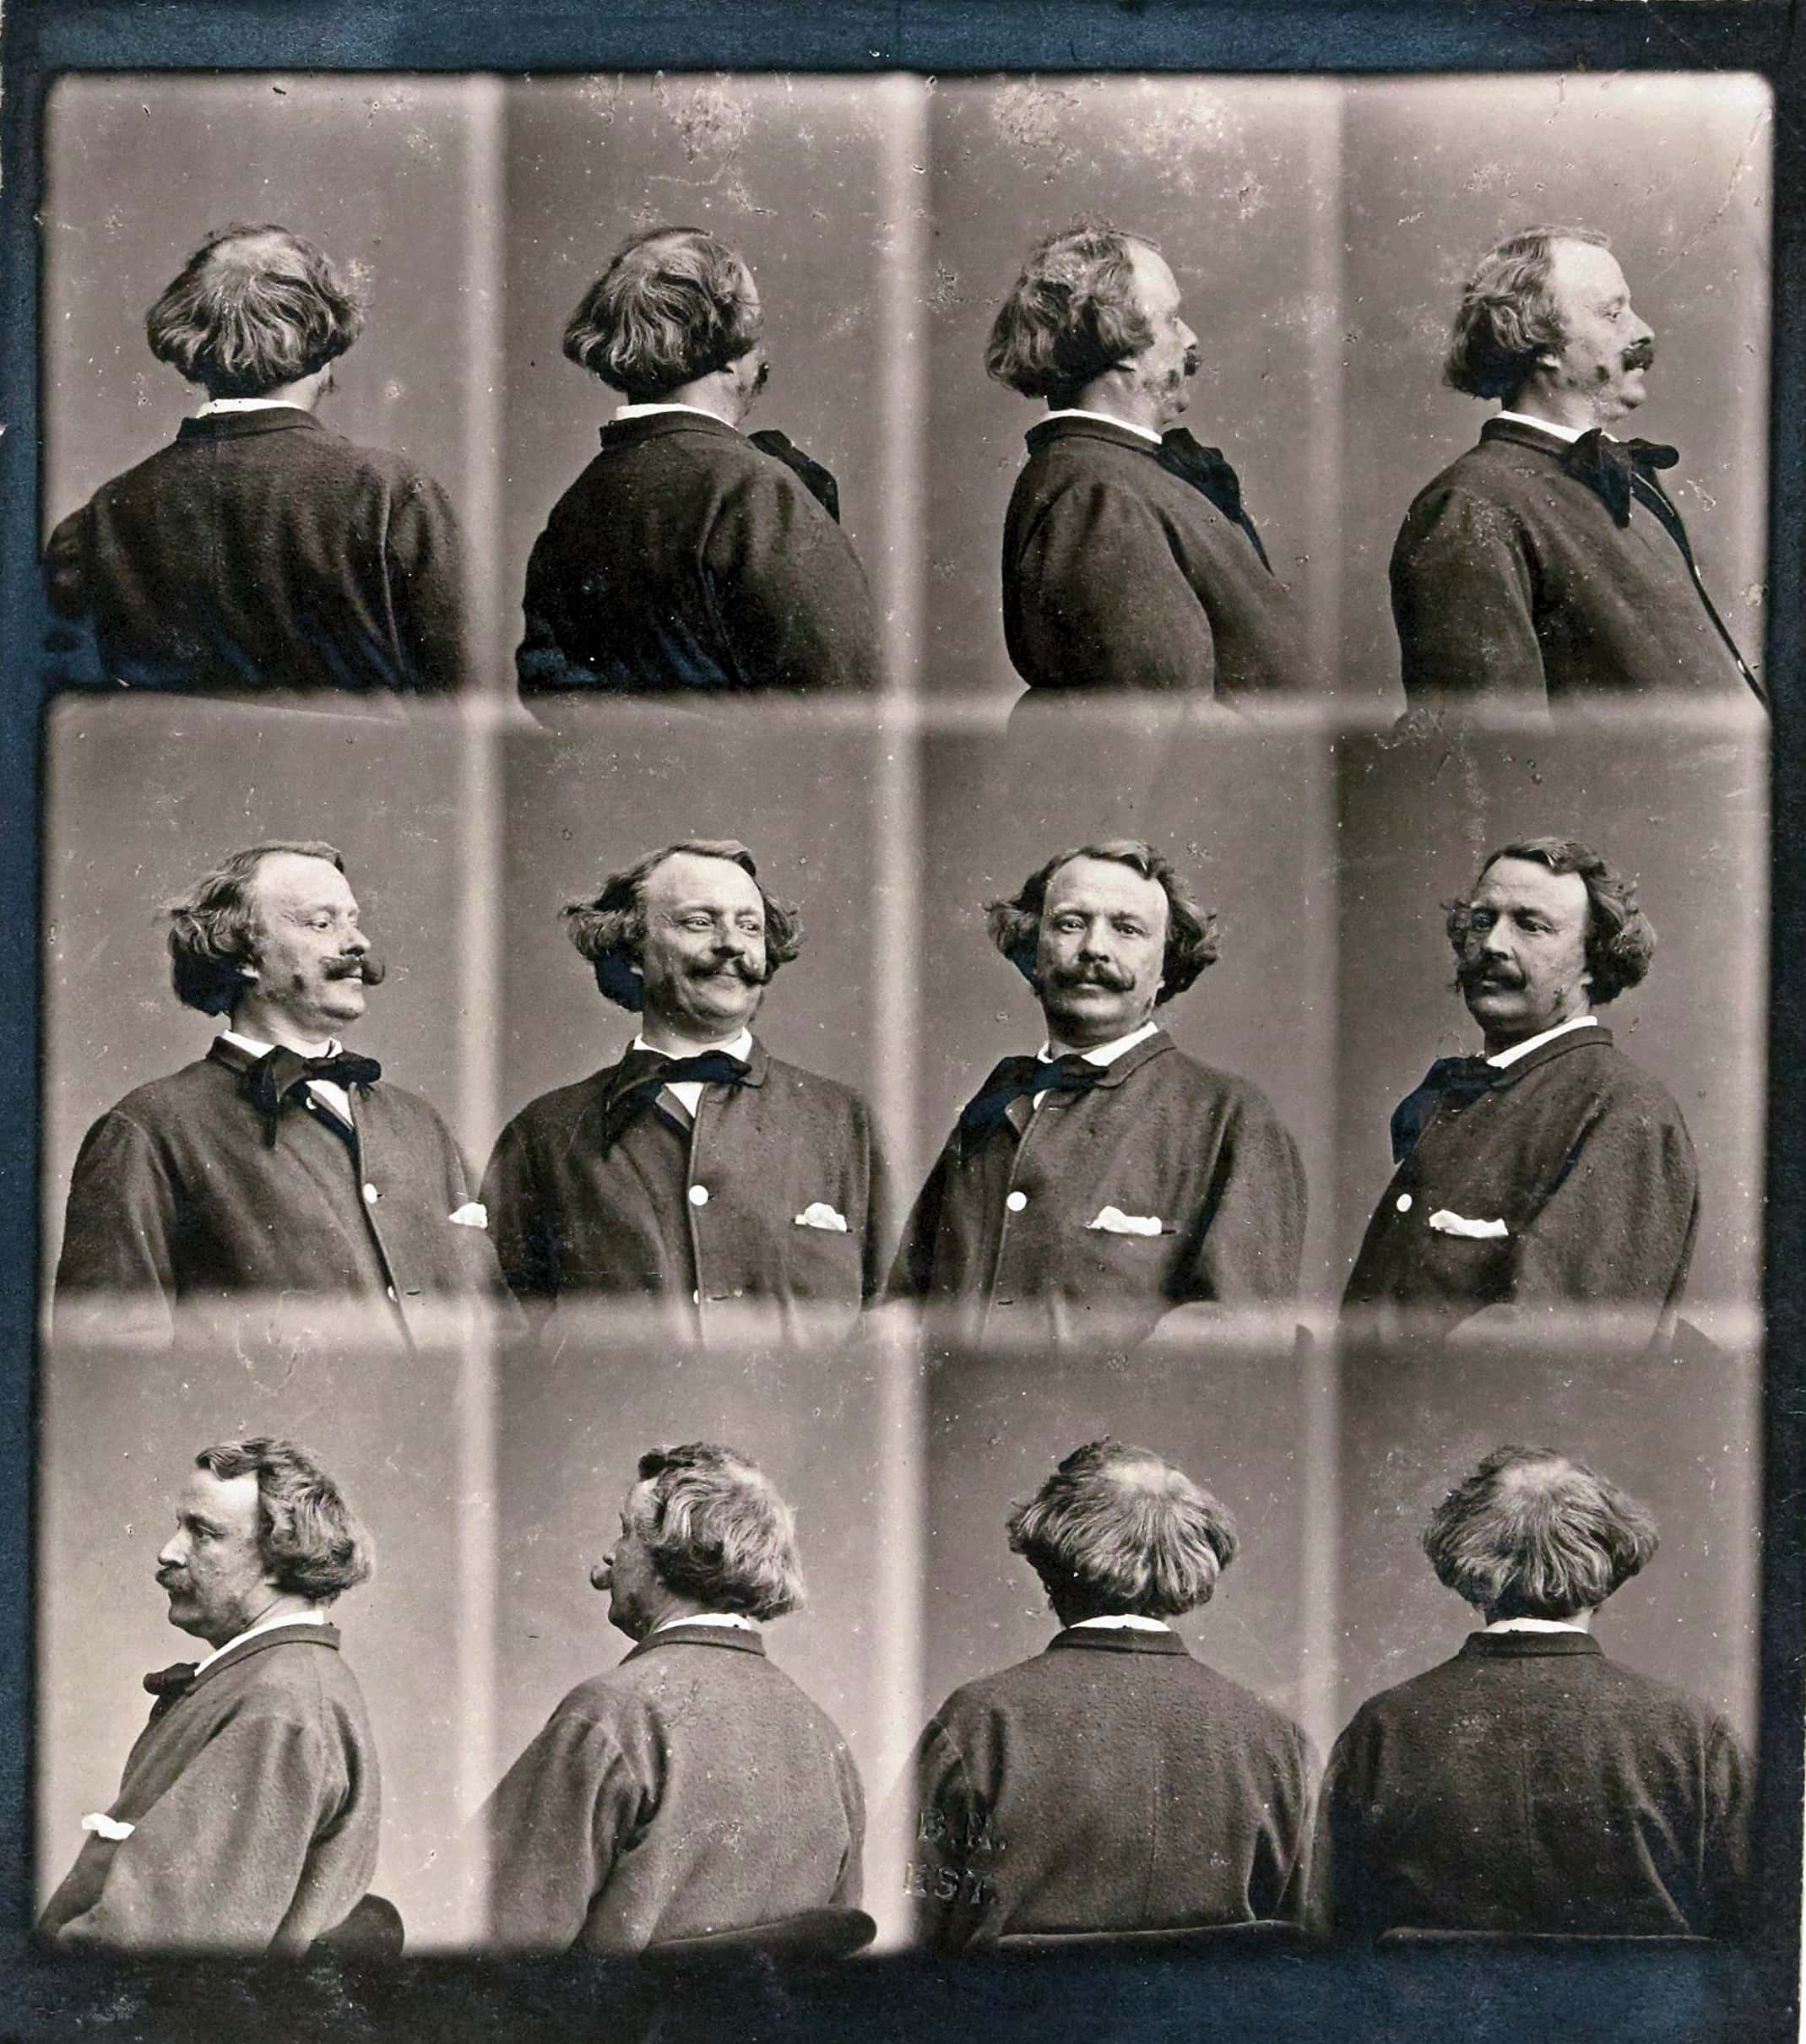 Inverso-Nadar-1865-autoritratto Mostra